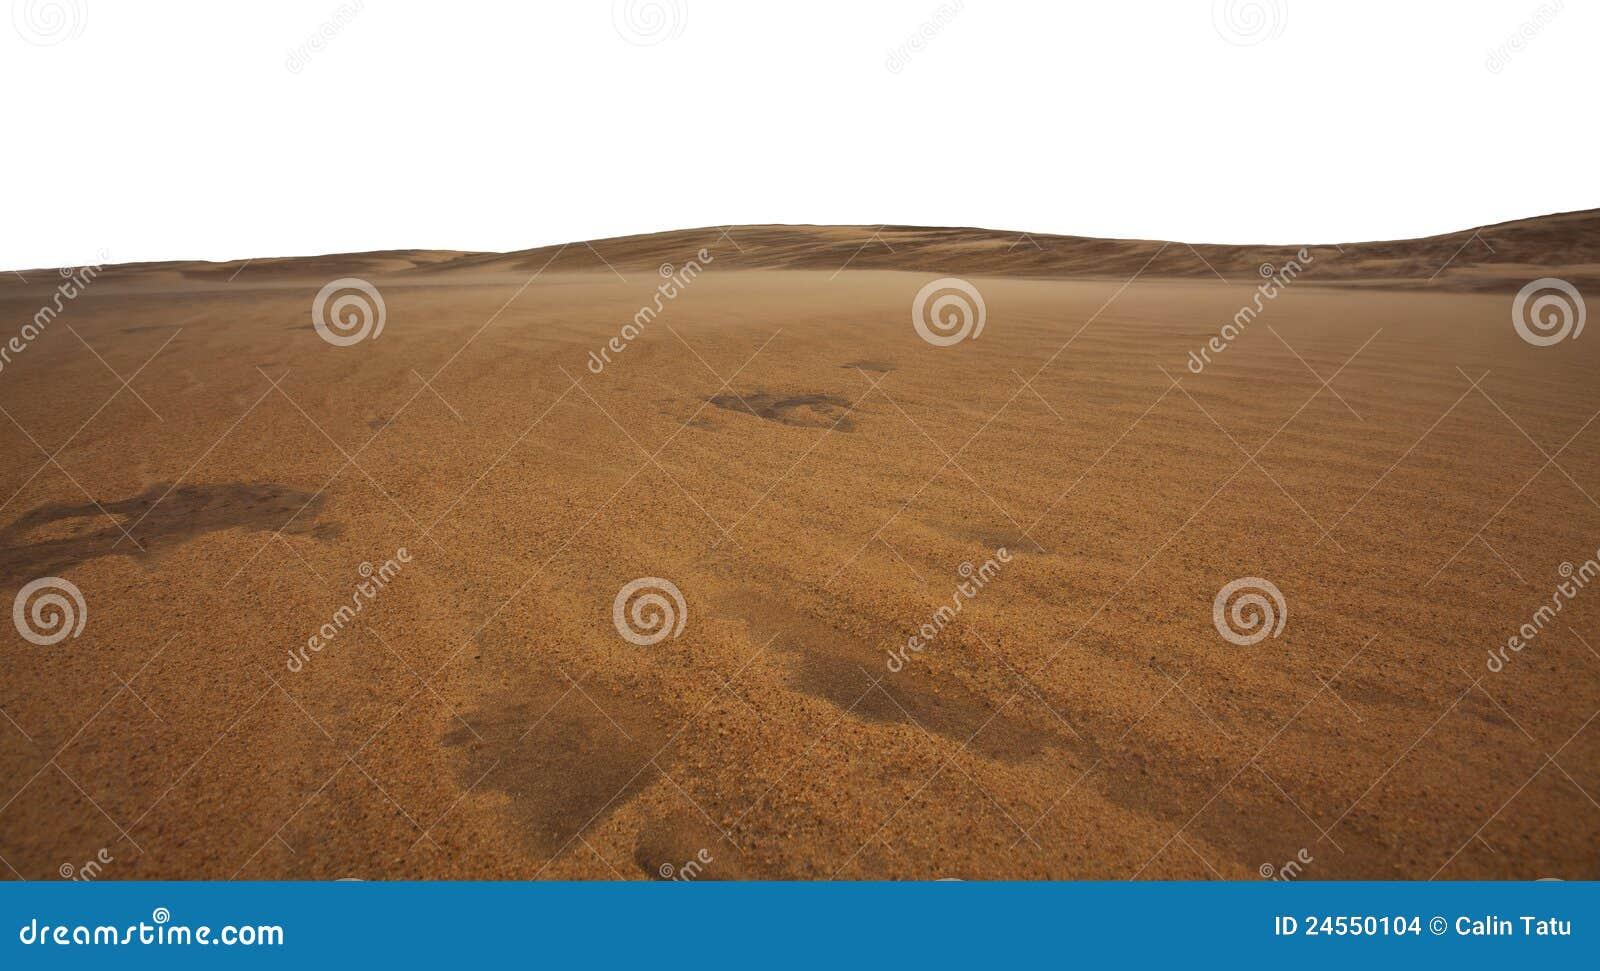 Dunes de sable et formations de sable dans le désert